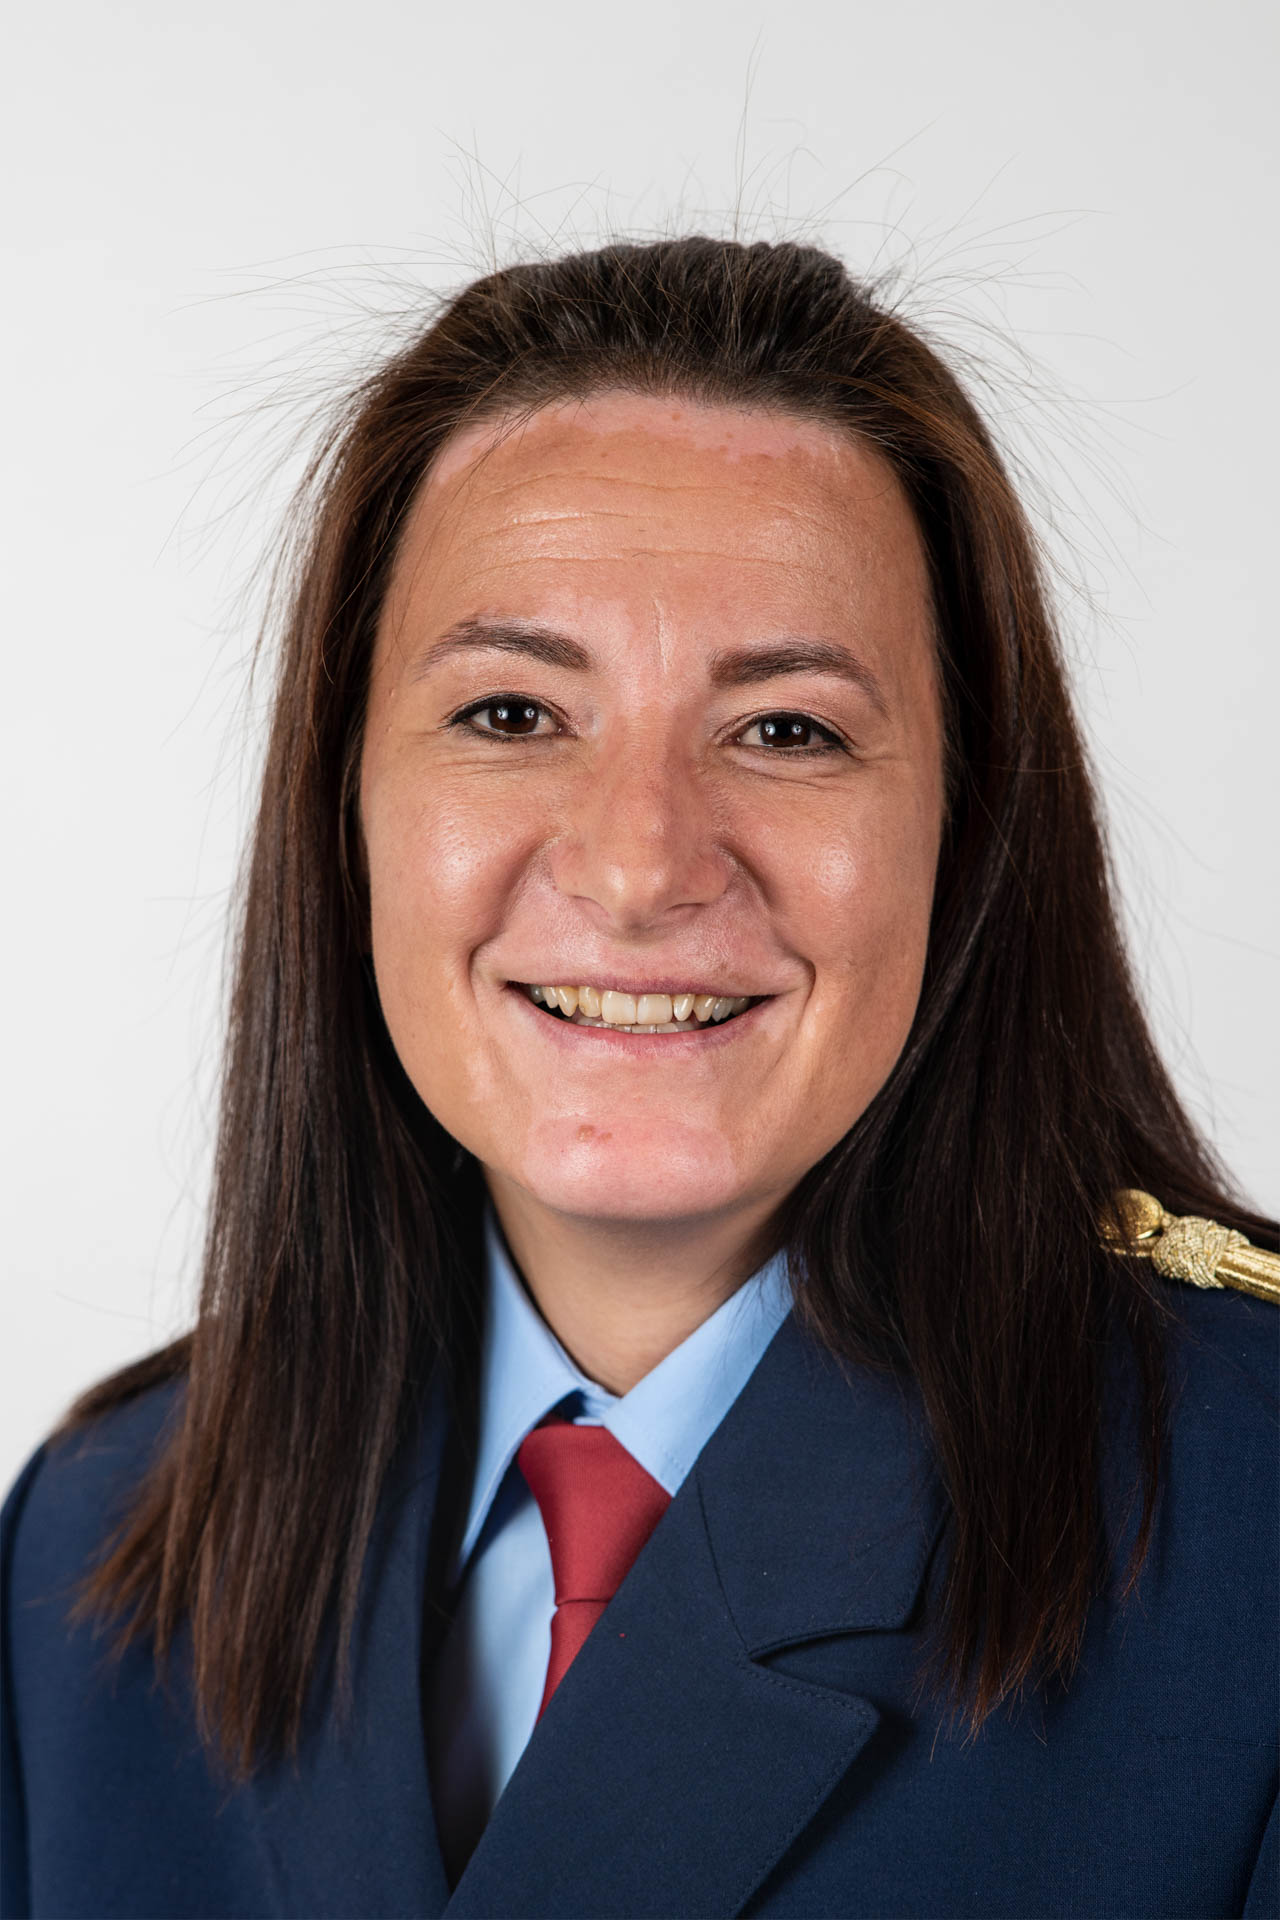 Melanie Kreisler